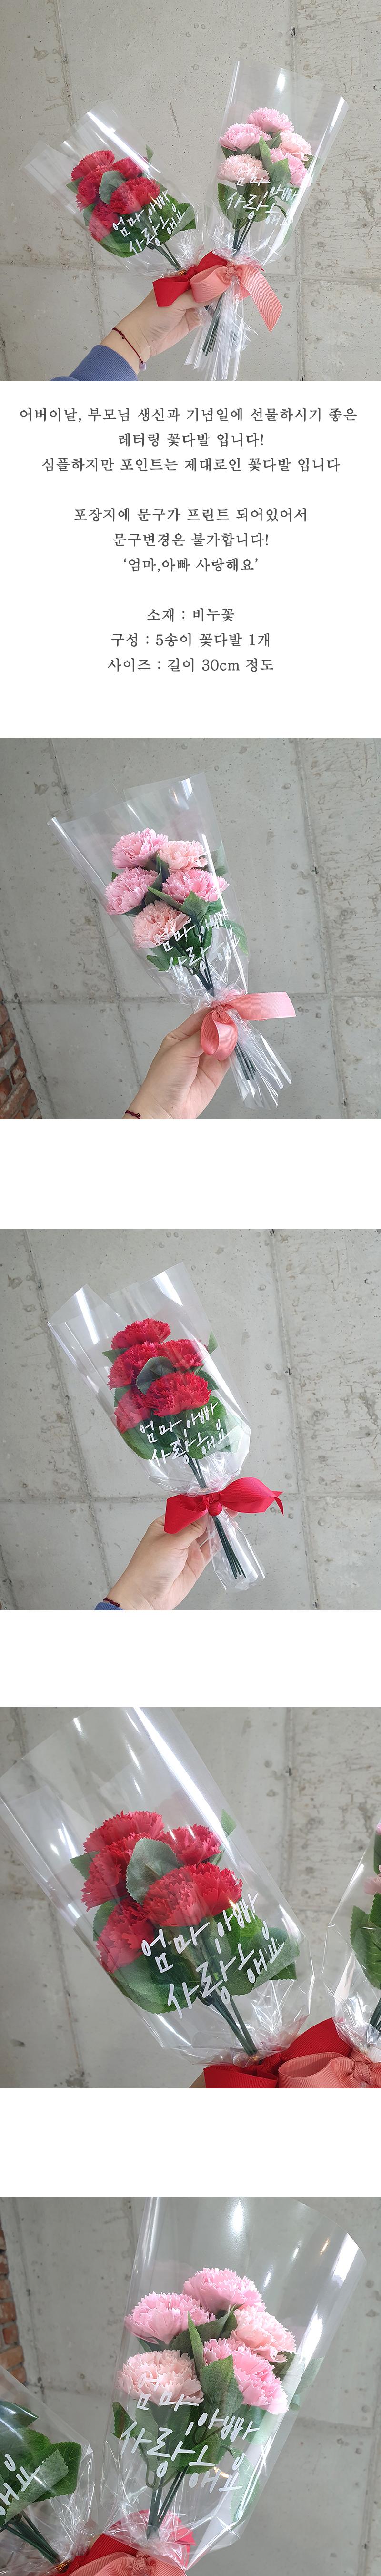 레터링 비누꽃 카네이션 5송이 꽃다발 - 바나나스푼_플라워, 10,000원, 조화, 카네이션(조화)